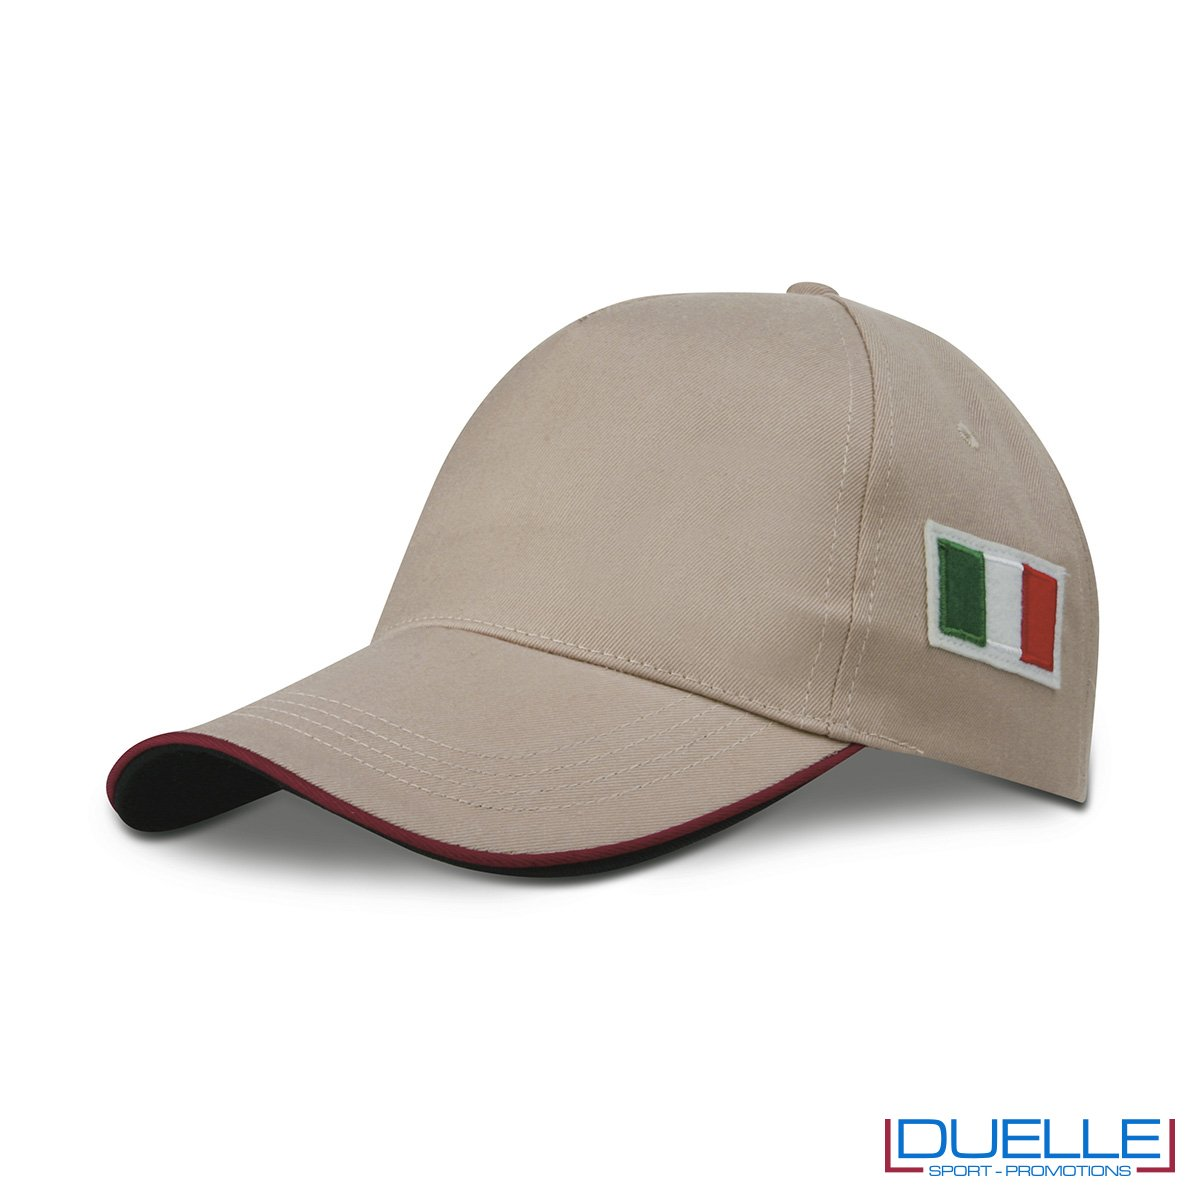 cappellino personalizzato 5 pannelli con bandiera tricolore colore kaki